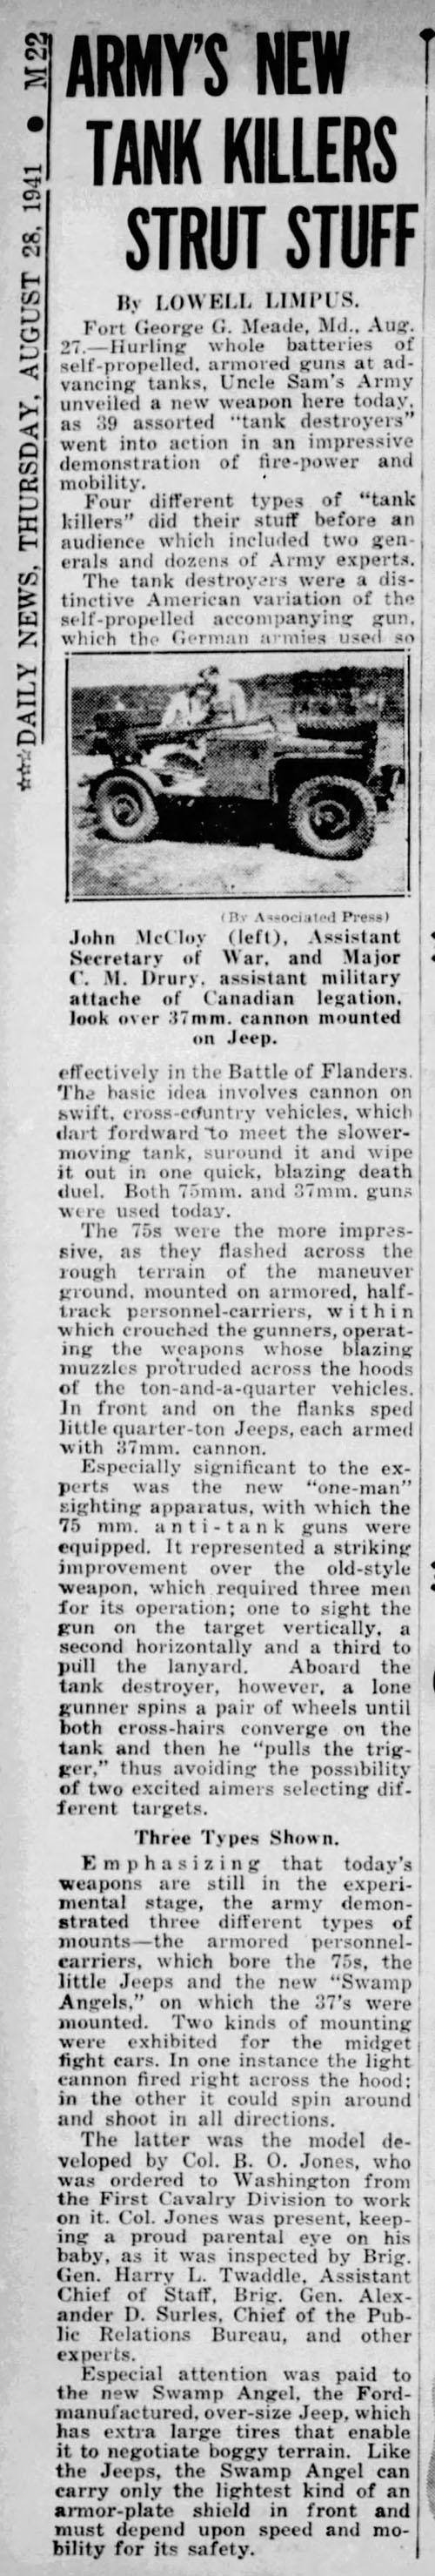 1941-08-28-daily-news-t2e1-bantam-brc40-V2-lores